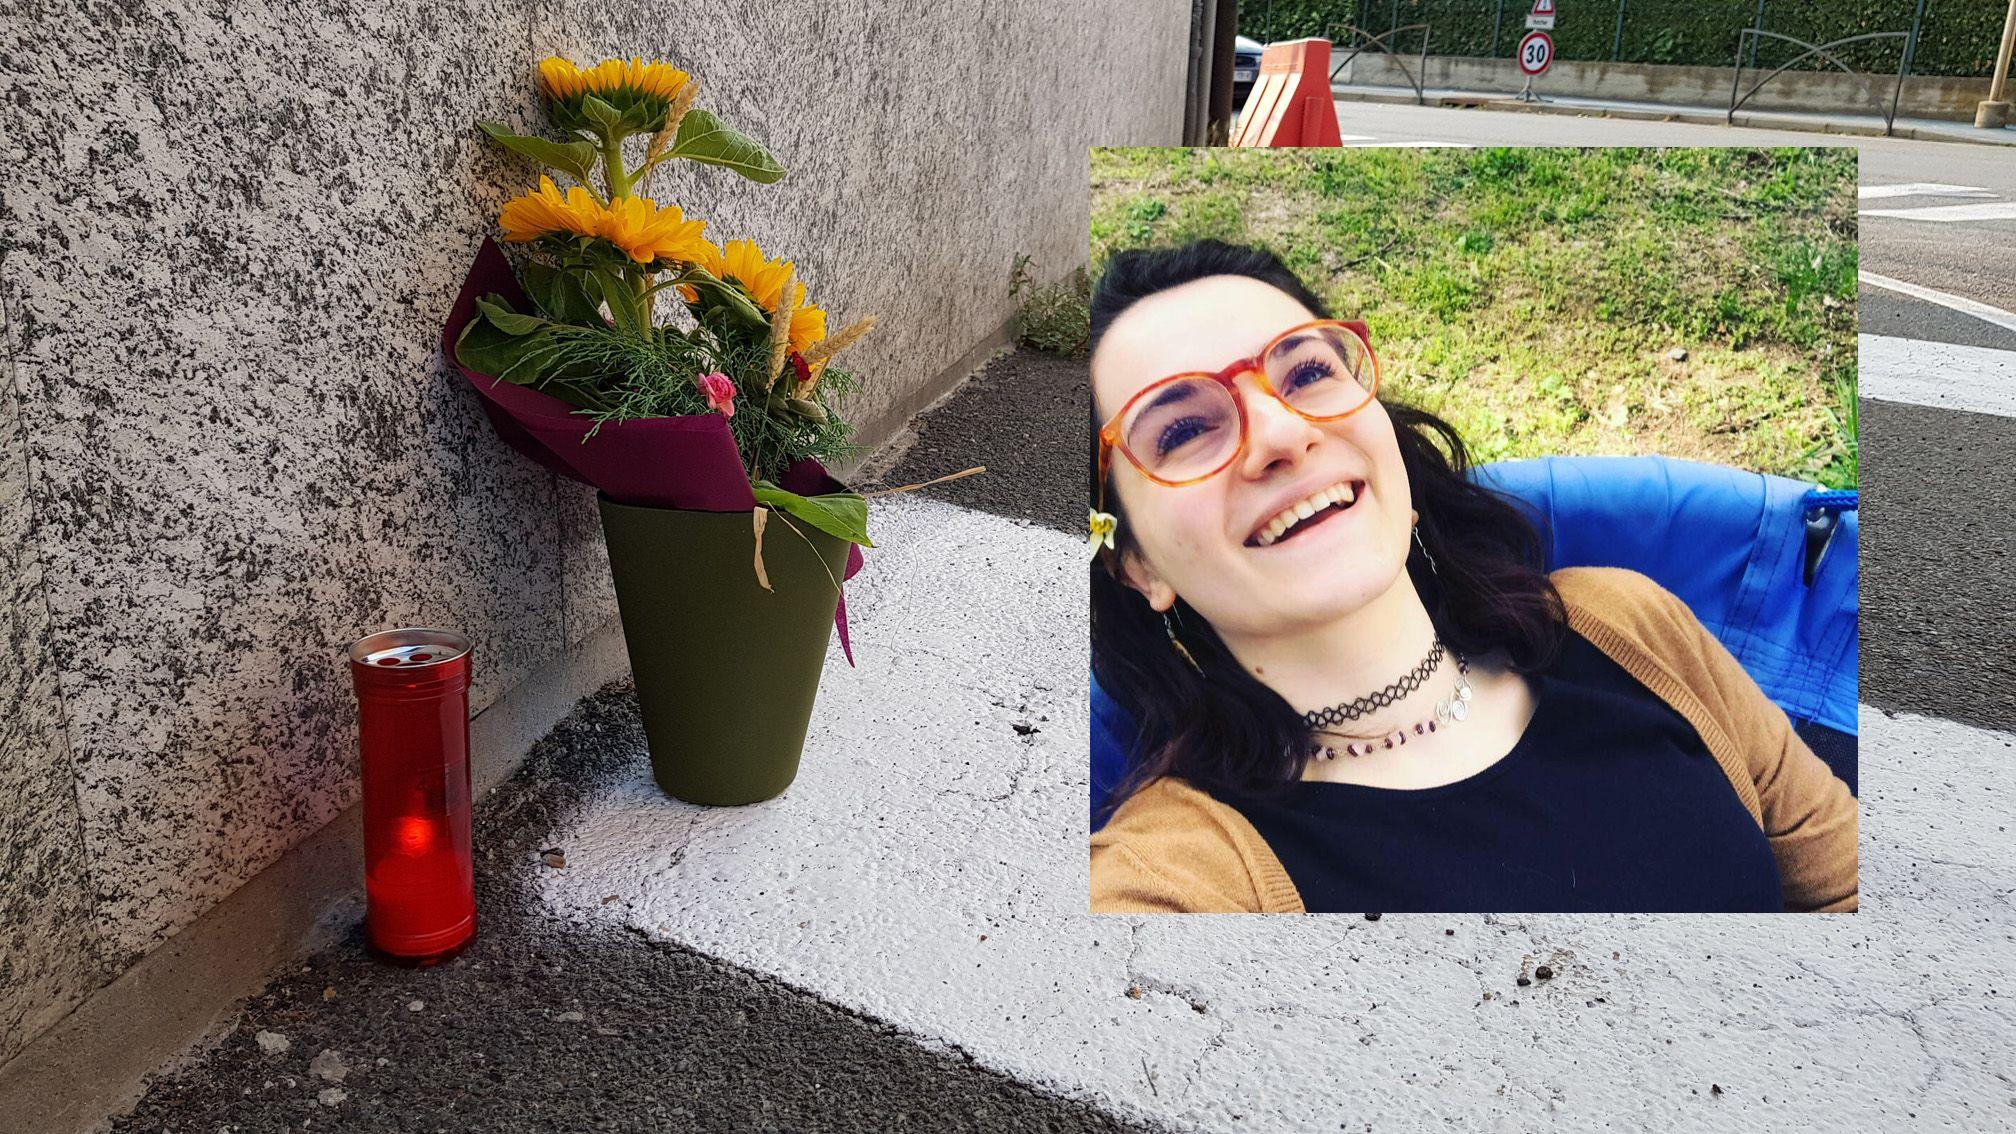 RIVAROLO CANAVESE - Lunedi il funerale in forma laica per l'ultimo saluto ad Elisa Bonavita